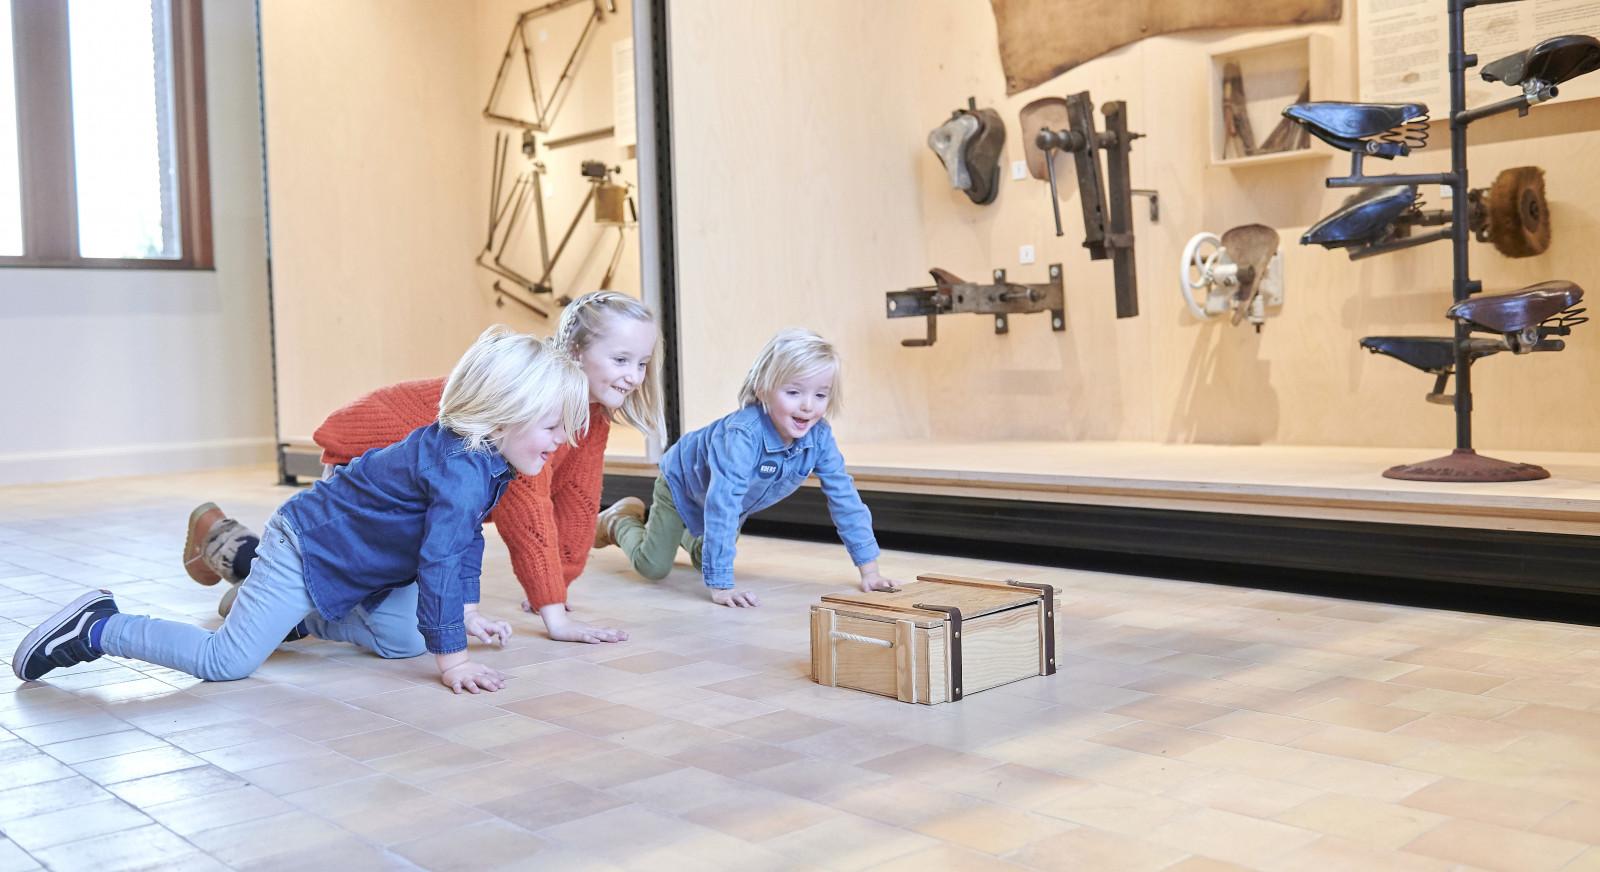 Schatten van Vlieg in KOERS museum